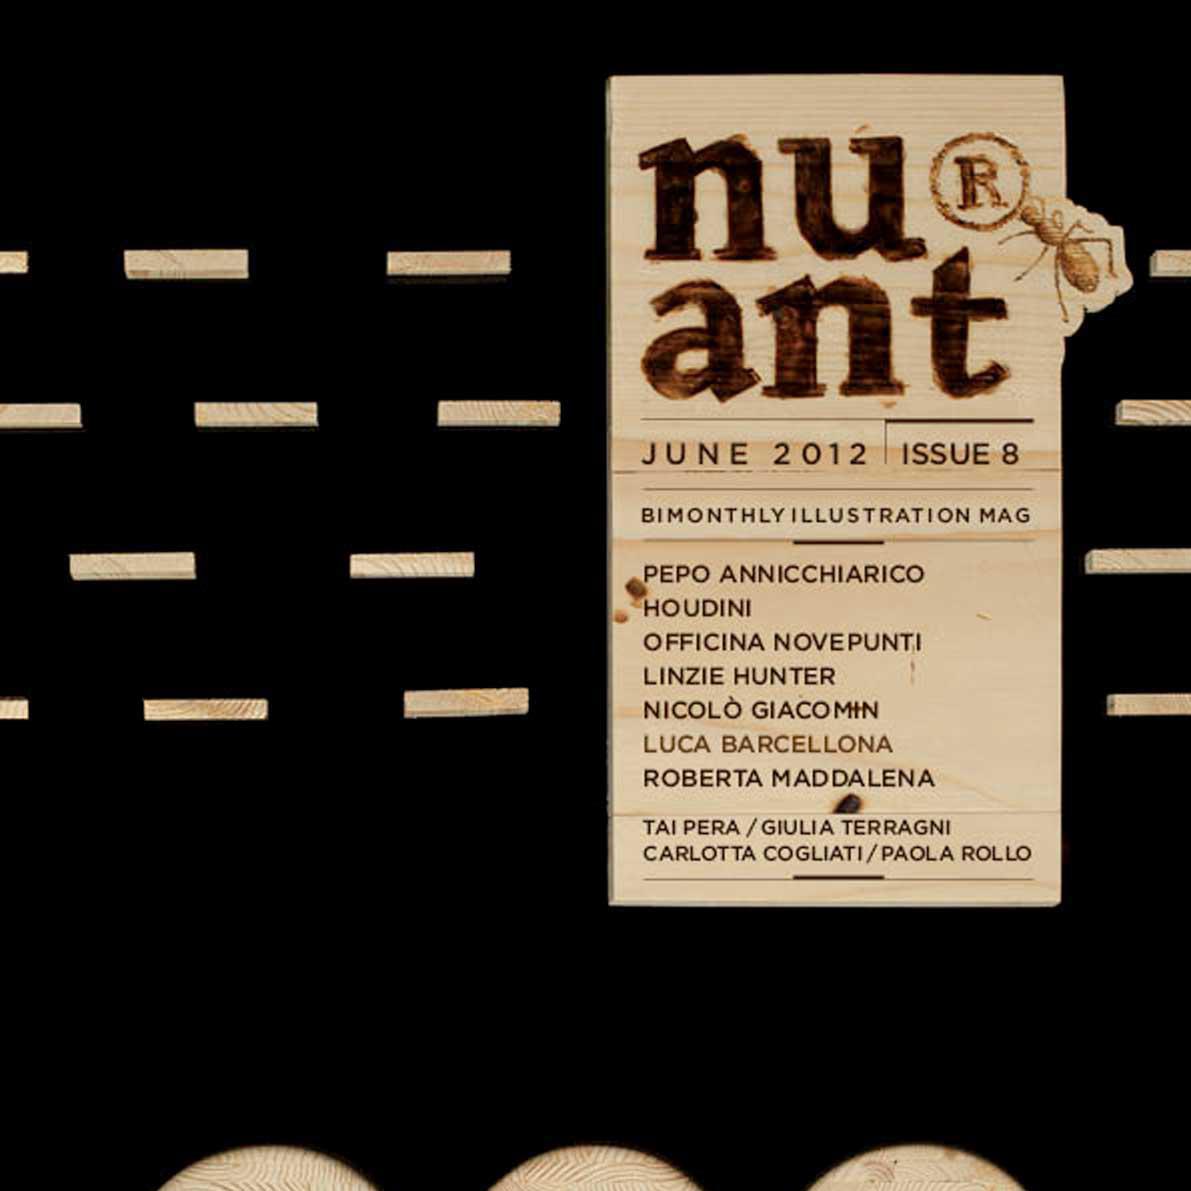 nurant8_quadrato